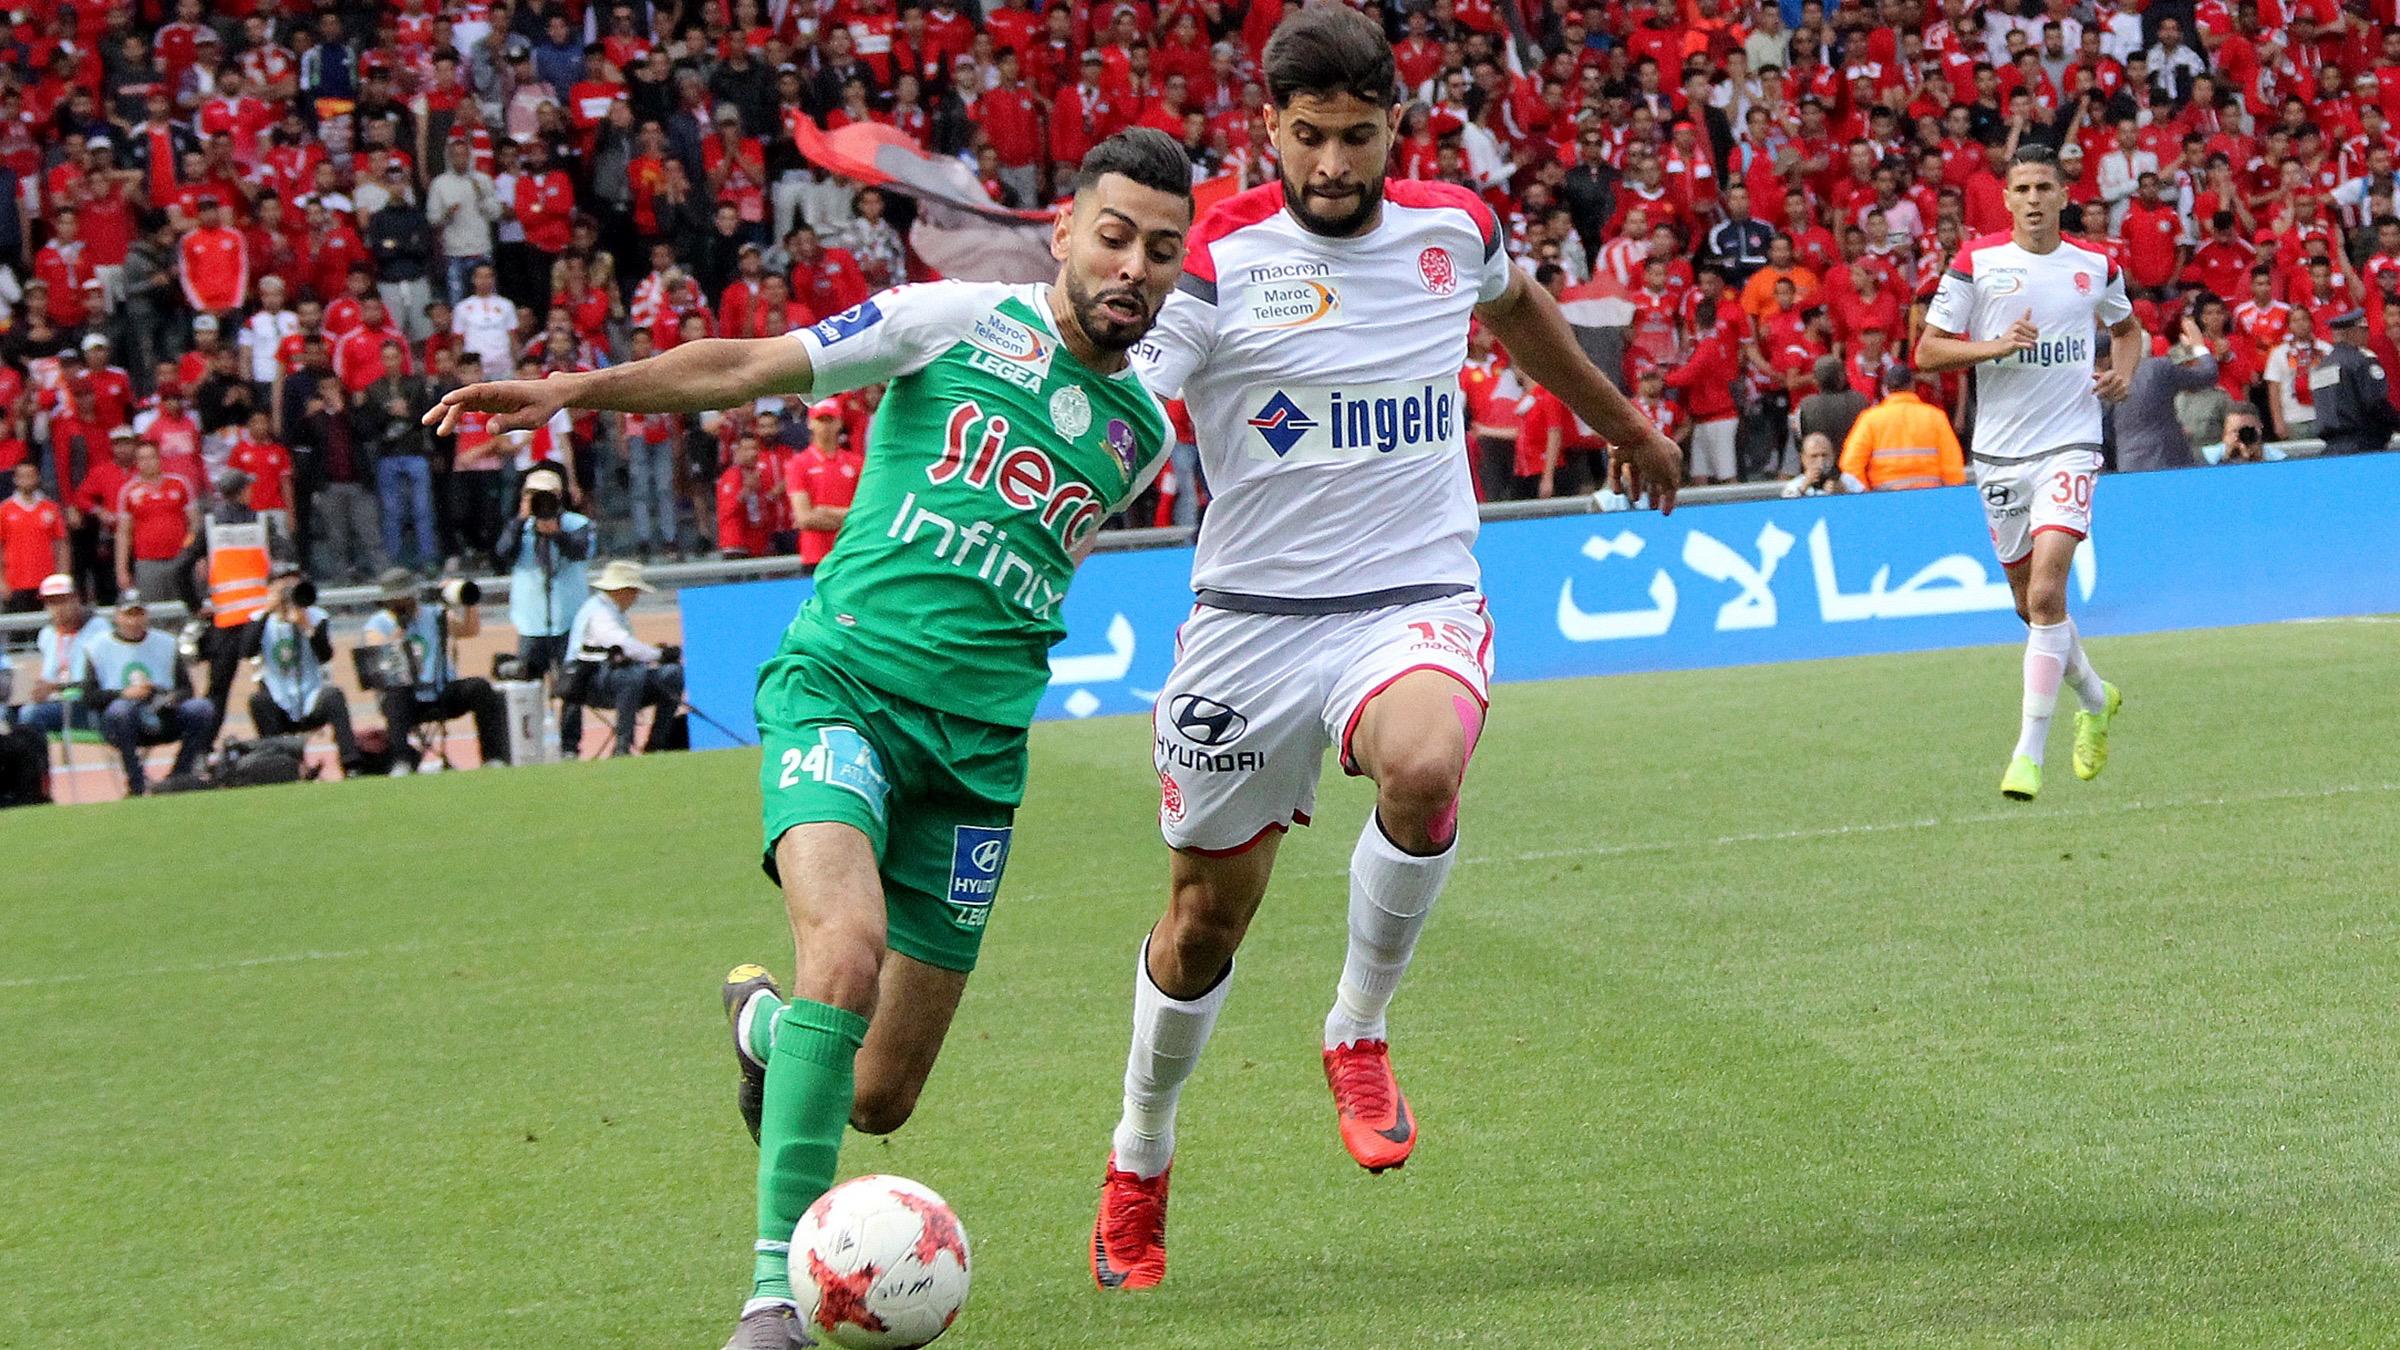 مراقبون يعتبرون الديربي رقم 128 صورة سيئة عن الكرة المغربية